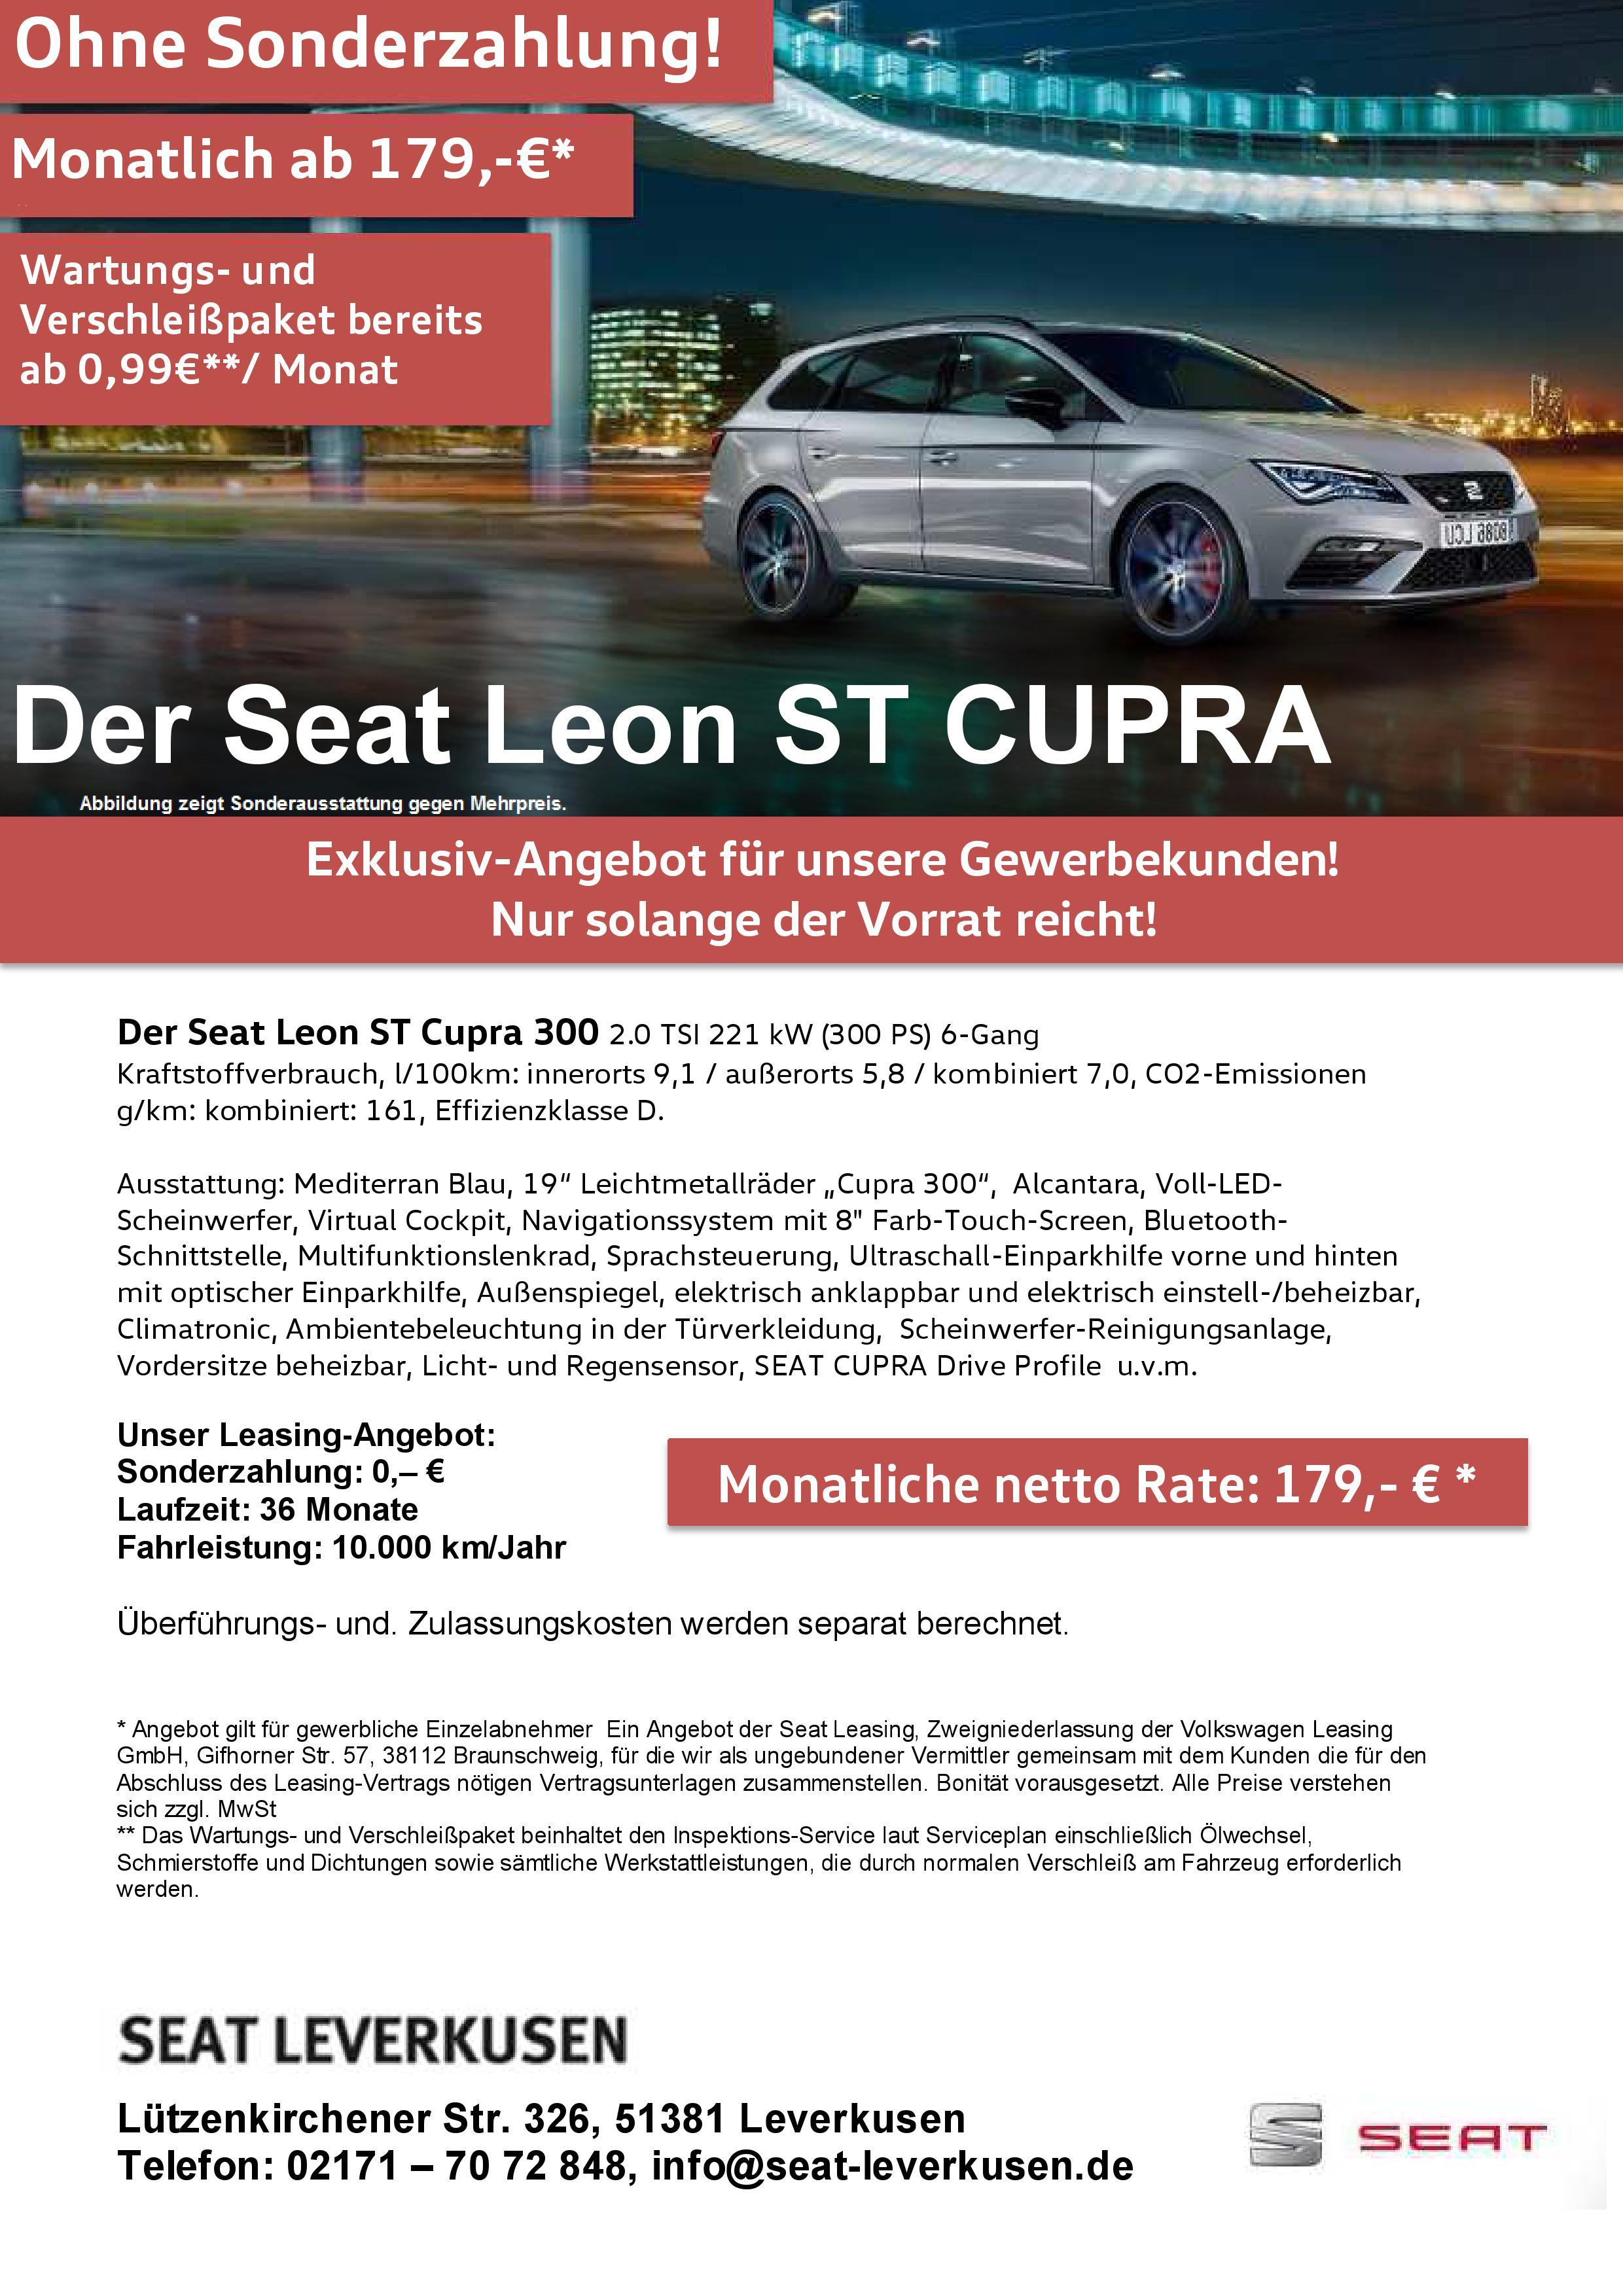 Seat Leon ST Cupra Leasing für Gewerbekunden - 179 Euro mtl. netto, 10.000km, 36 Monate, 0 Anzahlung